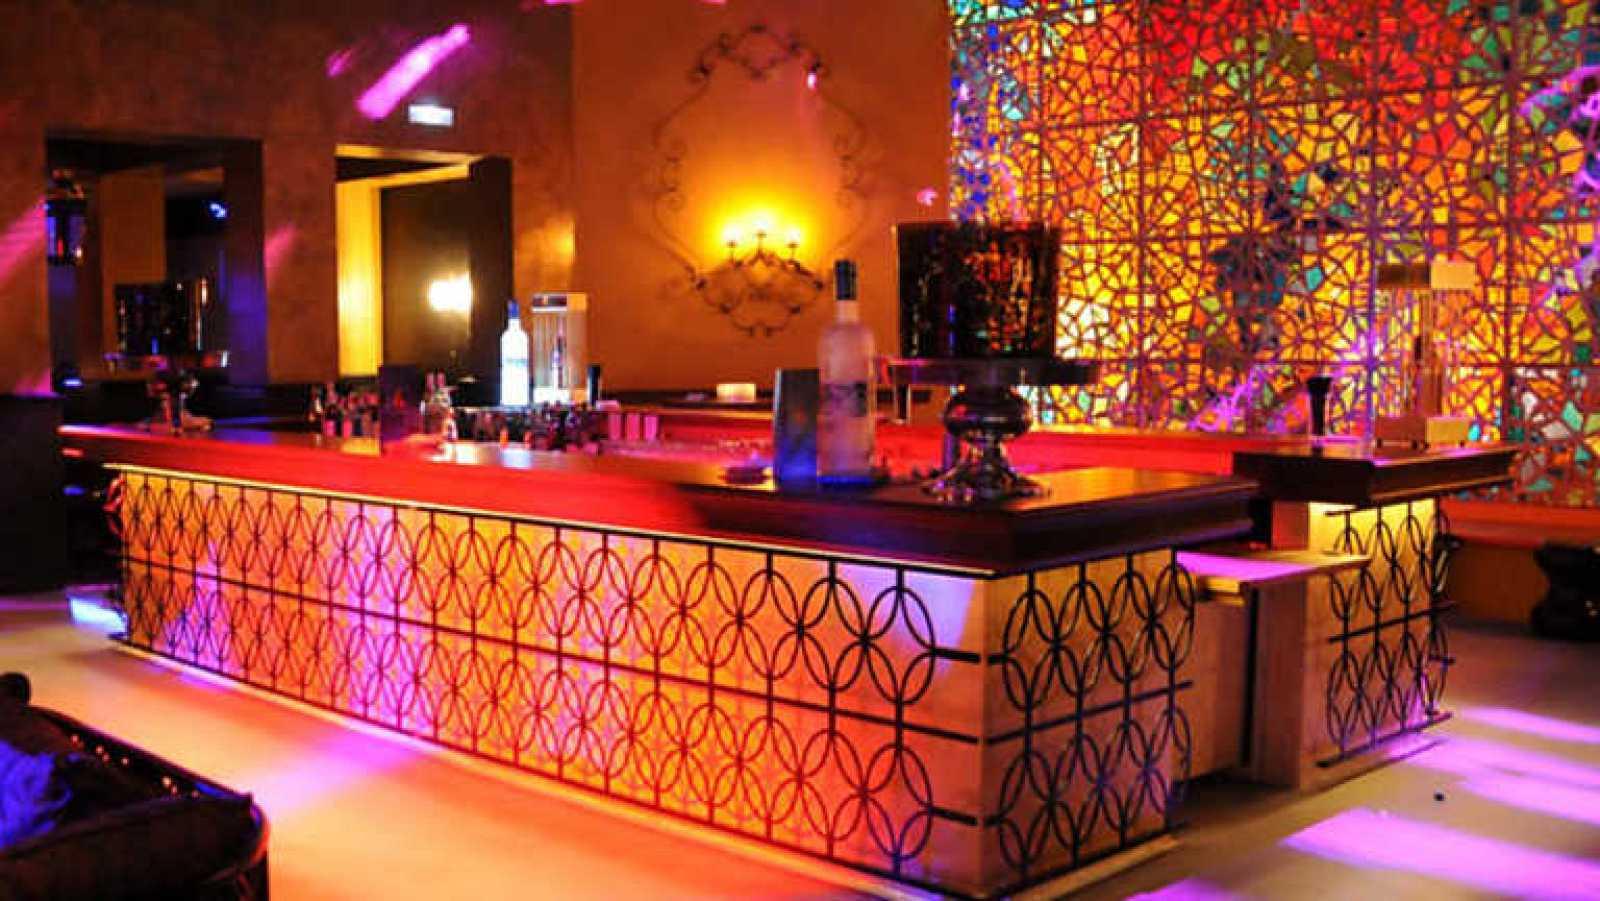 Vivan los bares - Discoteca Olivia Valere. Marbella - ver ahora